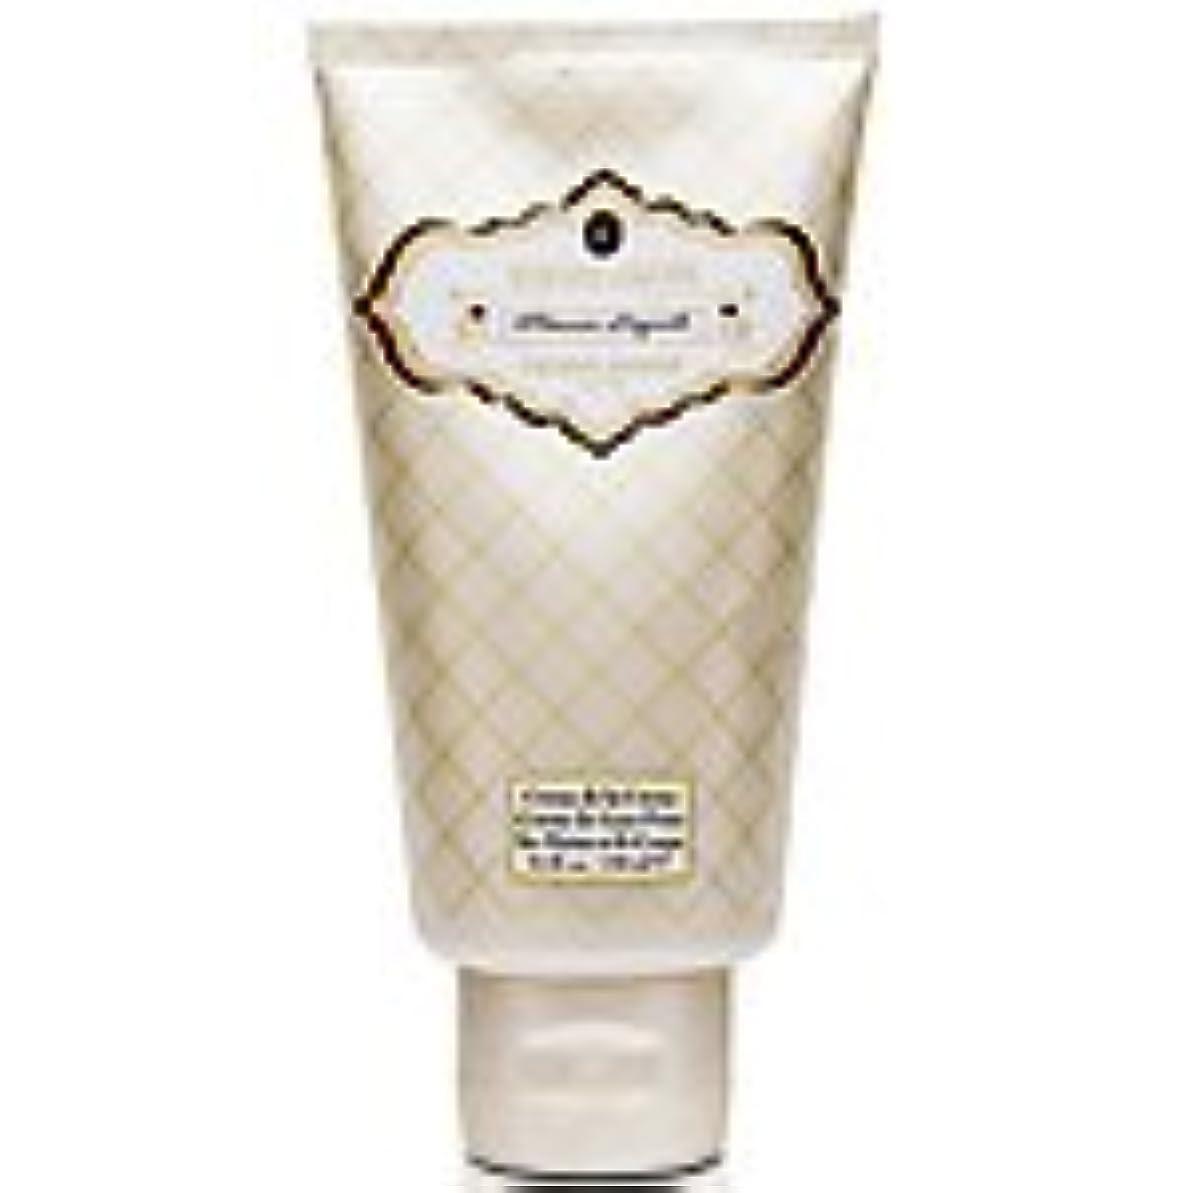 お手伝いさんビーチ繕うMemoire Liquide Reserve - Vacances Liquide (メモワールリキッドリザーブ - バカンスリキッド) 5.1 oz oz (153ml) Body Cream for Unisex